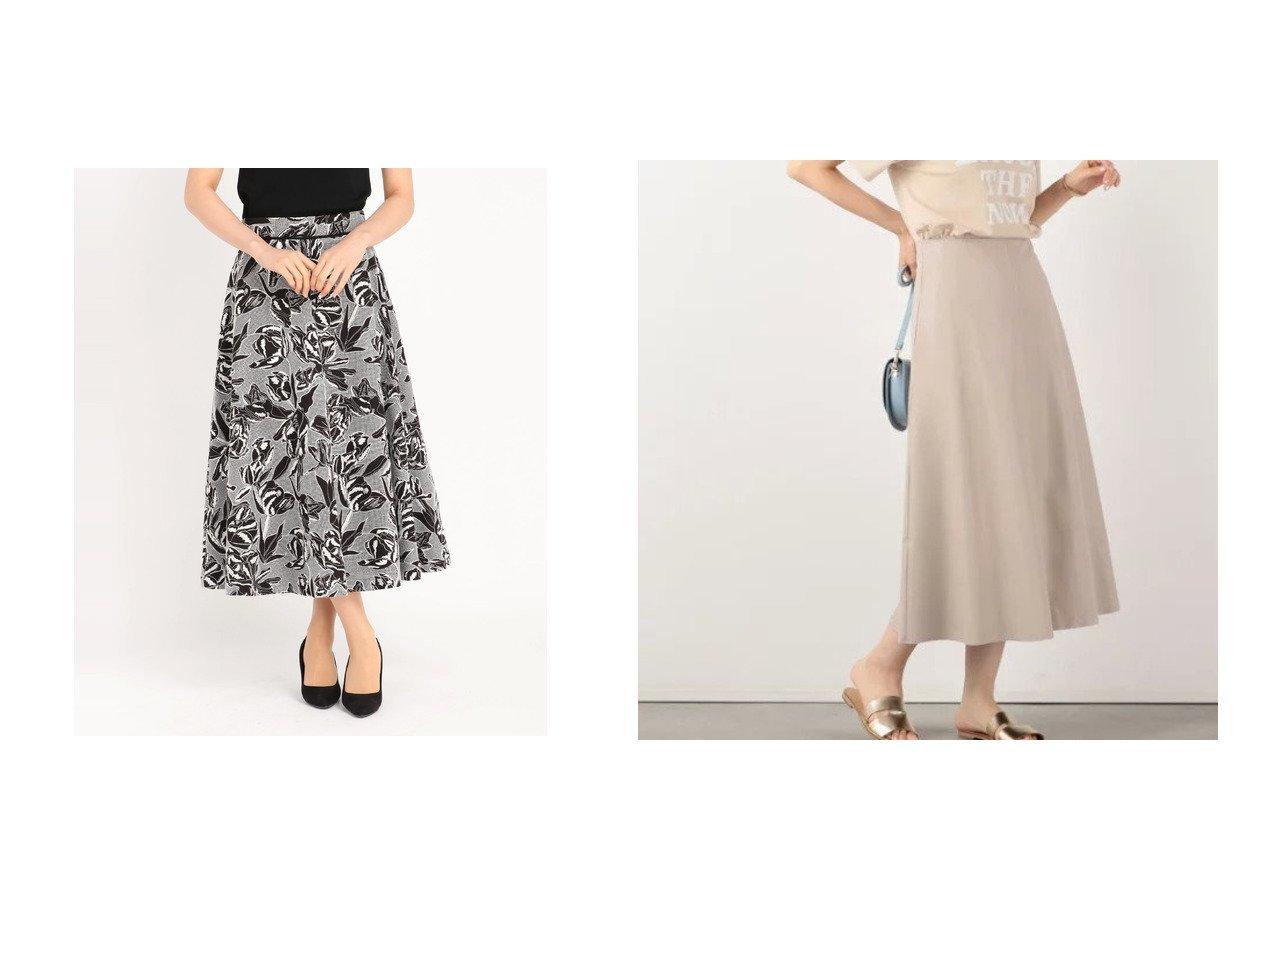 【ICHIE/イチエ】のエレン スカート&【NOLLEY'S/ノーリーズ】の【WEB限定】フェイクレザーフレアスカート 【スカート】おすすめ!人気、トレンド・レディースファッションの通販 おすすめで人気の流行・トレンド、ファッションの通販商品 インテリア・家具・メンズファッション・キッズファッション・レディースファッション・服の通販 founy(ファニー) https://founy.com/ ファッション Fashion レディースファッション WOMEN スカート Skirt Aライン/フレアスカート Flared A-Line Skirts おすすめ Recommend フレア 冬 Winter 夏 Summer イエロー ギャザー フェミニン 今季 |ID:crp329100000055577